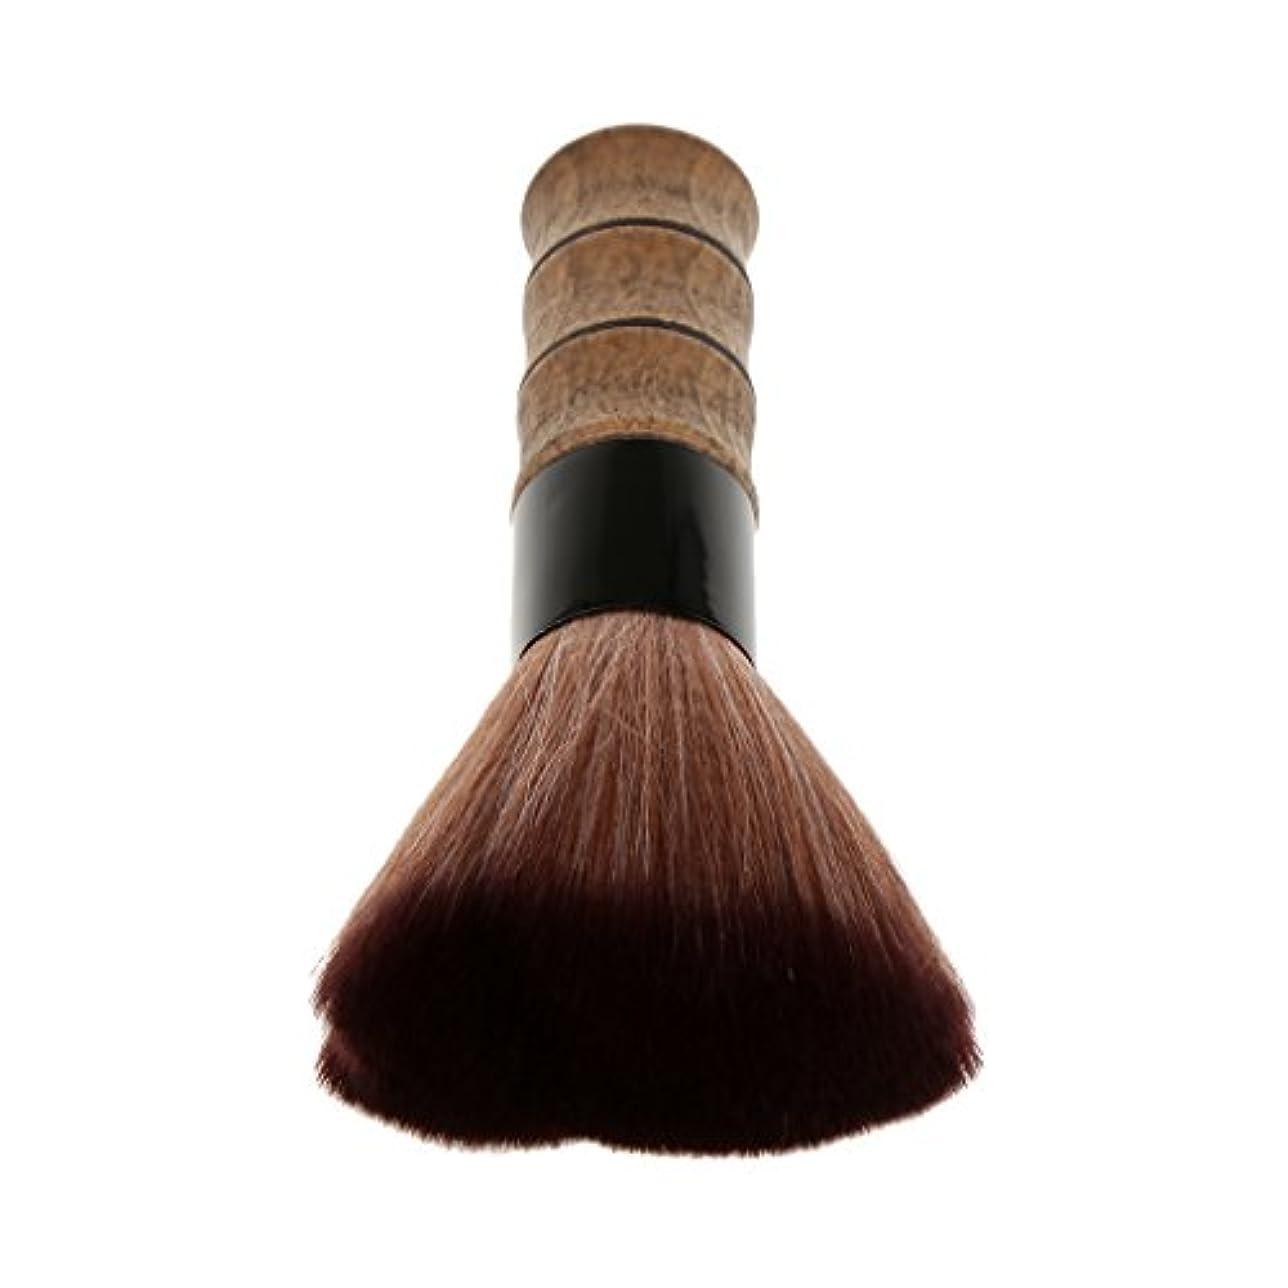 ライオン災難代替メイクブラシ シェービングブラシ 超柔らかい 繊維 木製ハンドル 泡立ち 快適 洗顔 プレゼント 2色選べる - 褐色